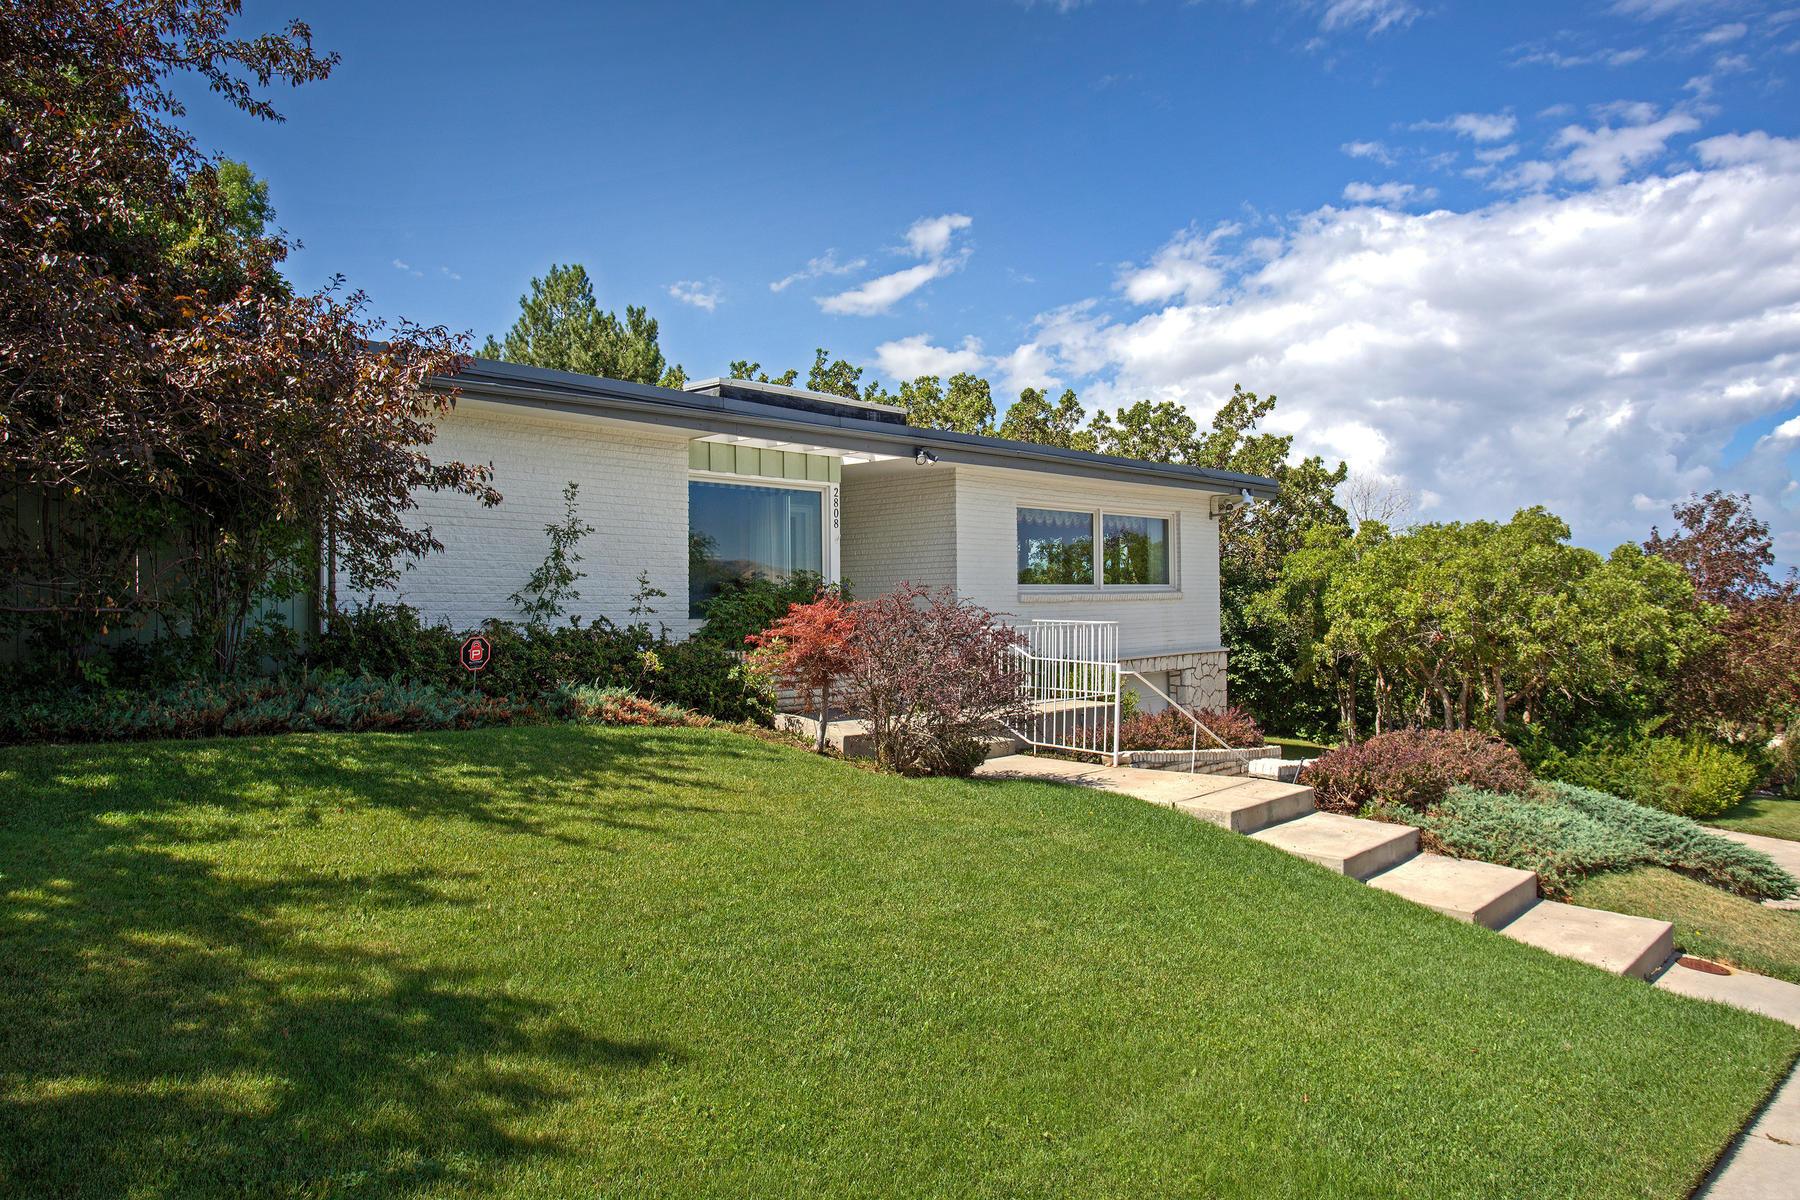 Nhà ở một gia đình vì Bán tại 2808 E Oquirrh Dr Salt Lake City, Utah, 84108 Hoa Kỳ